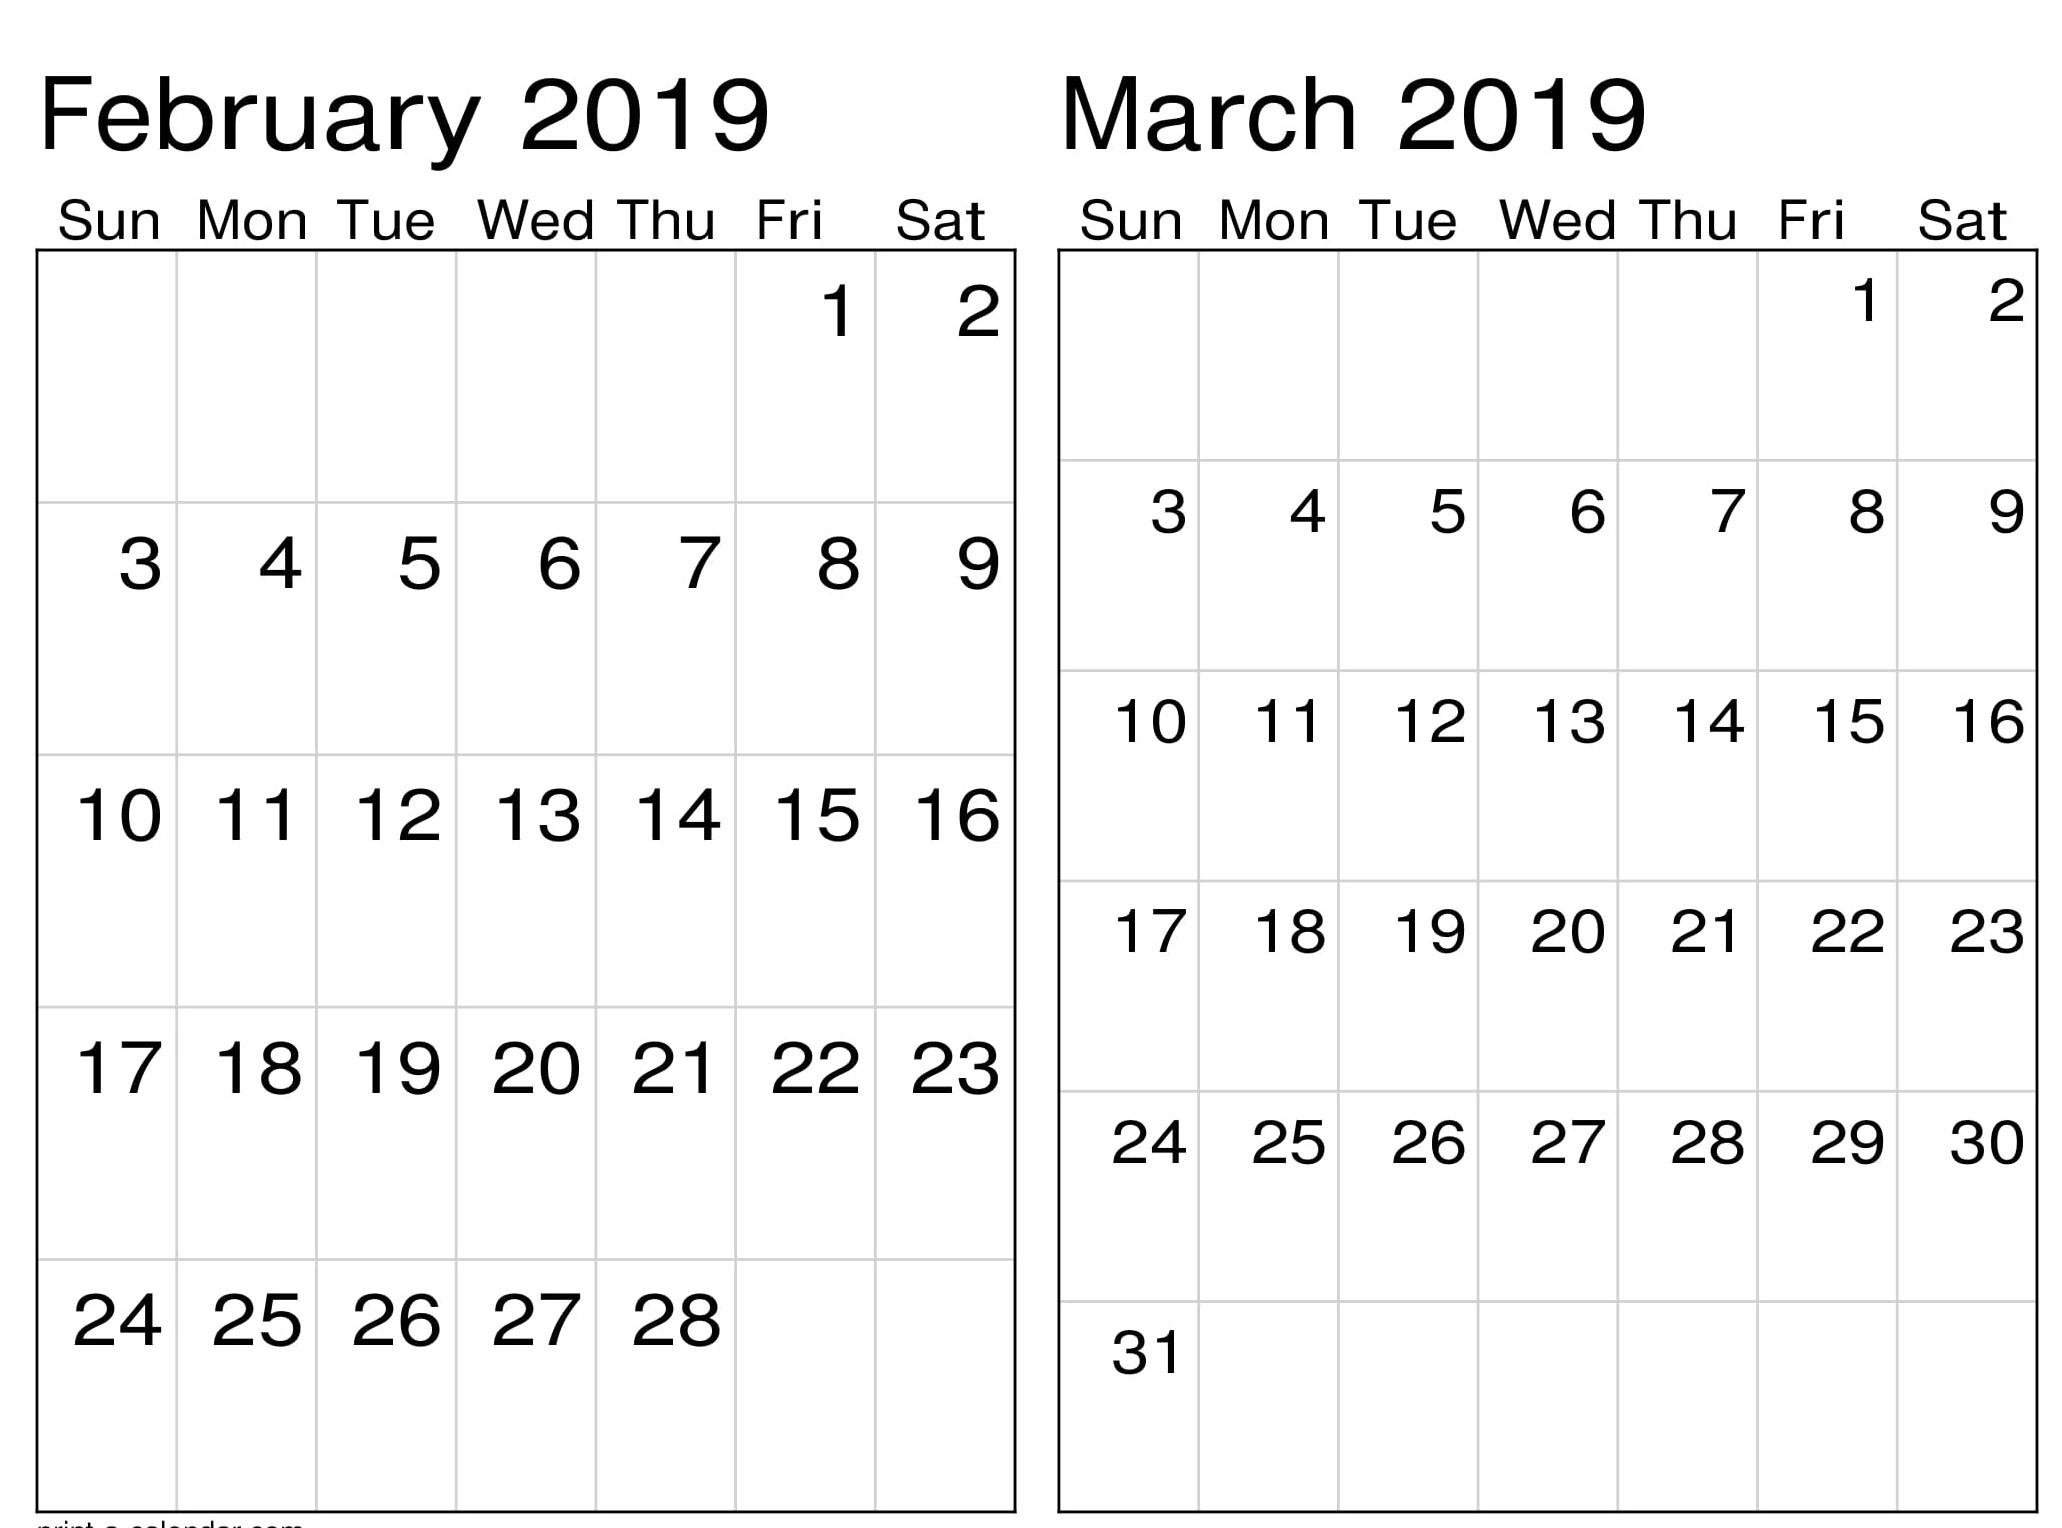 March Calendar 2019 Actual Of March Calendar 2019 Template Rock Cafe Of March Calendar 2019 Actual Gujarati Calendar 2019 Printable Printed for No Cost – Calendaro